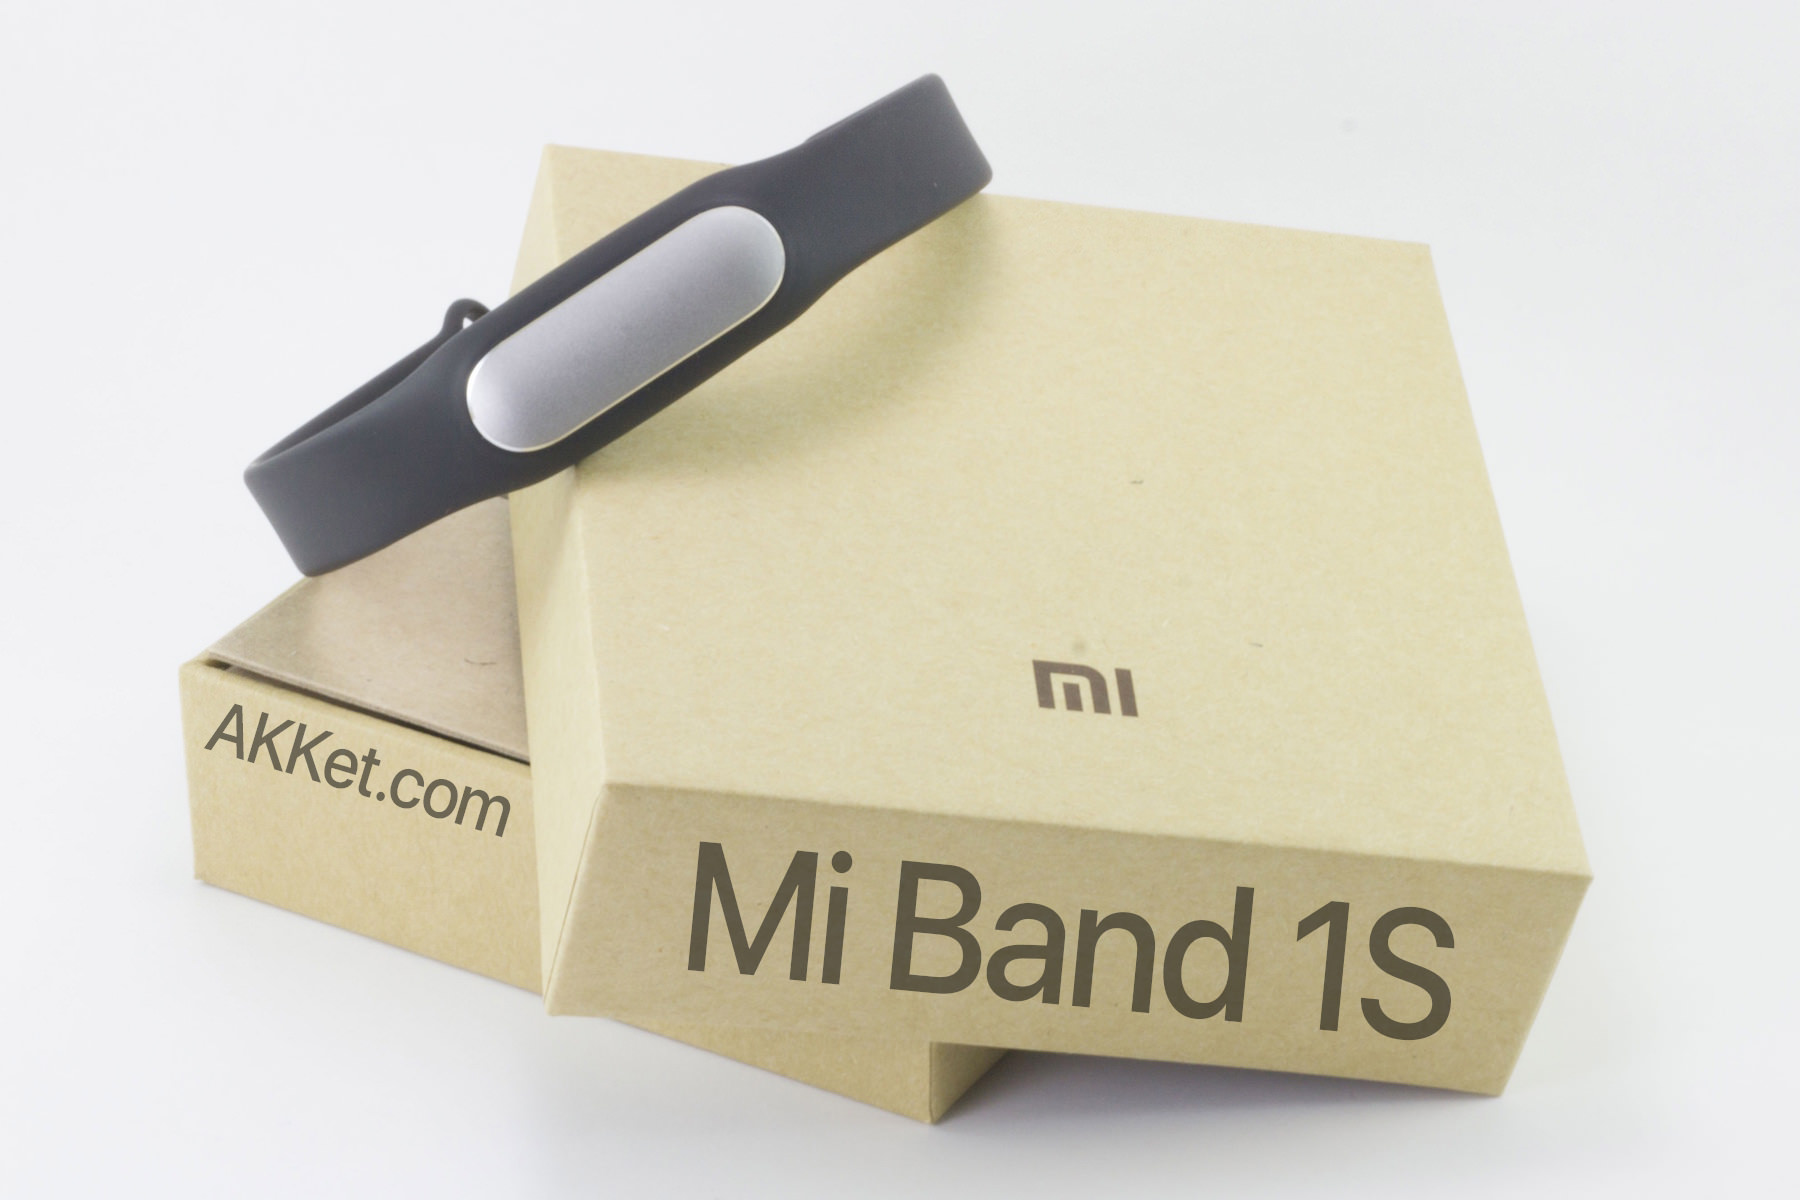 Обзор и опыт использования браслета Xiaomi Mi Band 1S Pulse с Galaxy Note 5